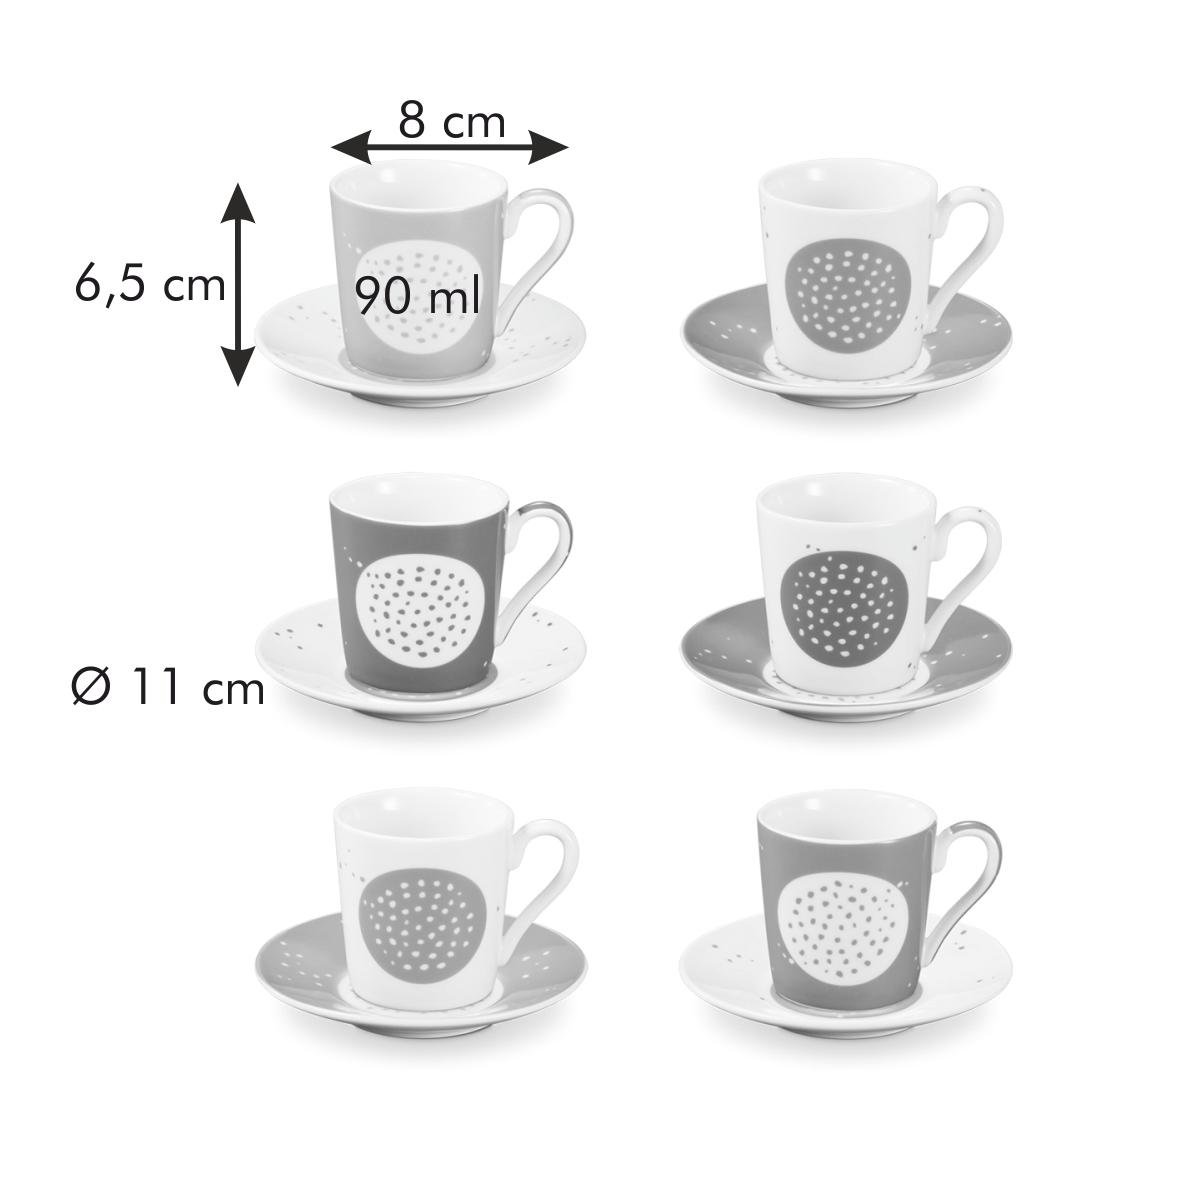 Šálek na espresso s podšálkem myCOFFEE, 6 ks, Sugar